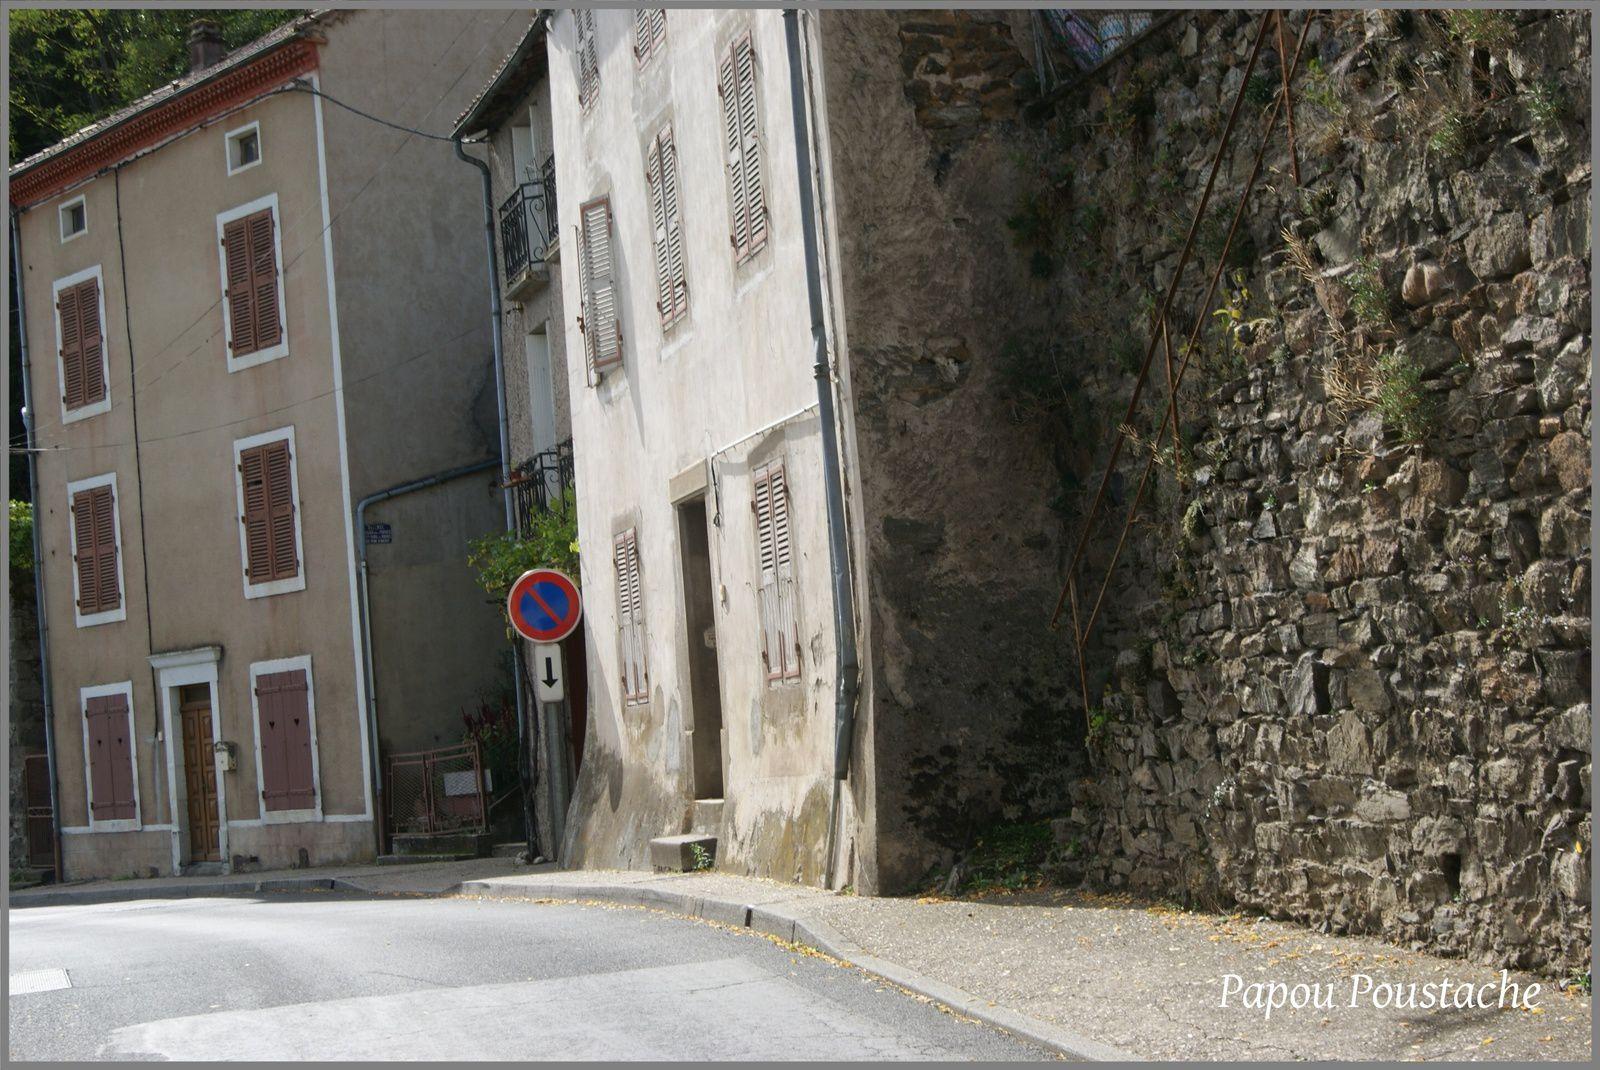 Au hasard dans les rues de Lavoute Chilhac